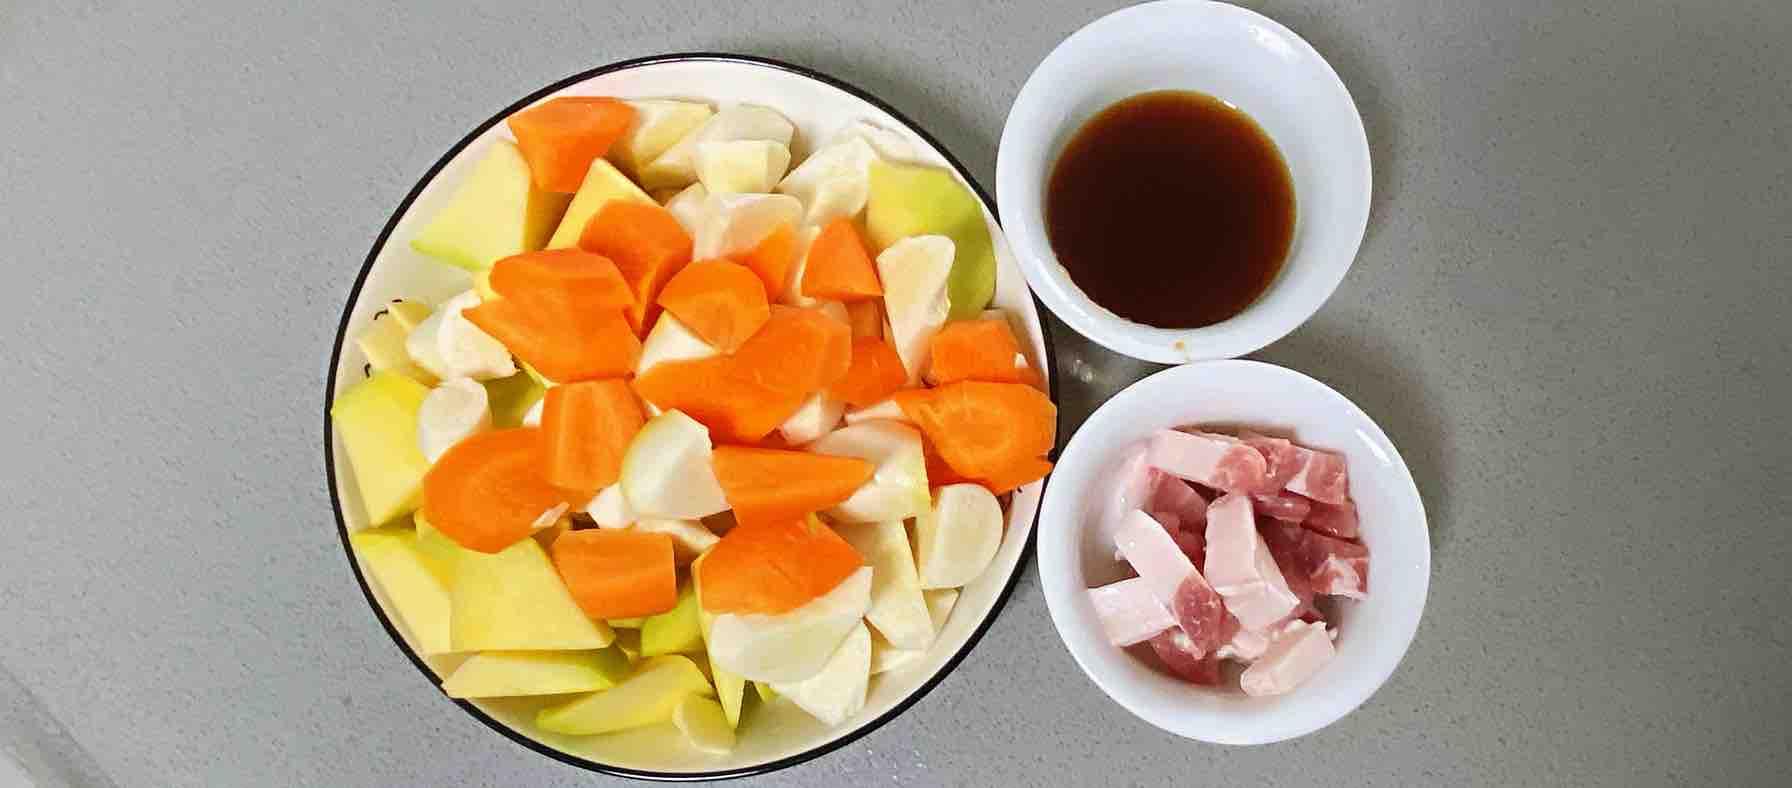 【孕妇食谱】鲍汁茭白焖南瓜,鲜味十足,香甜可口~的步骤